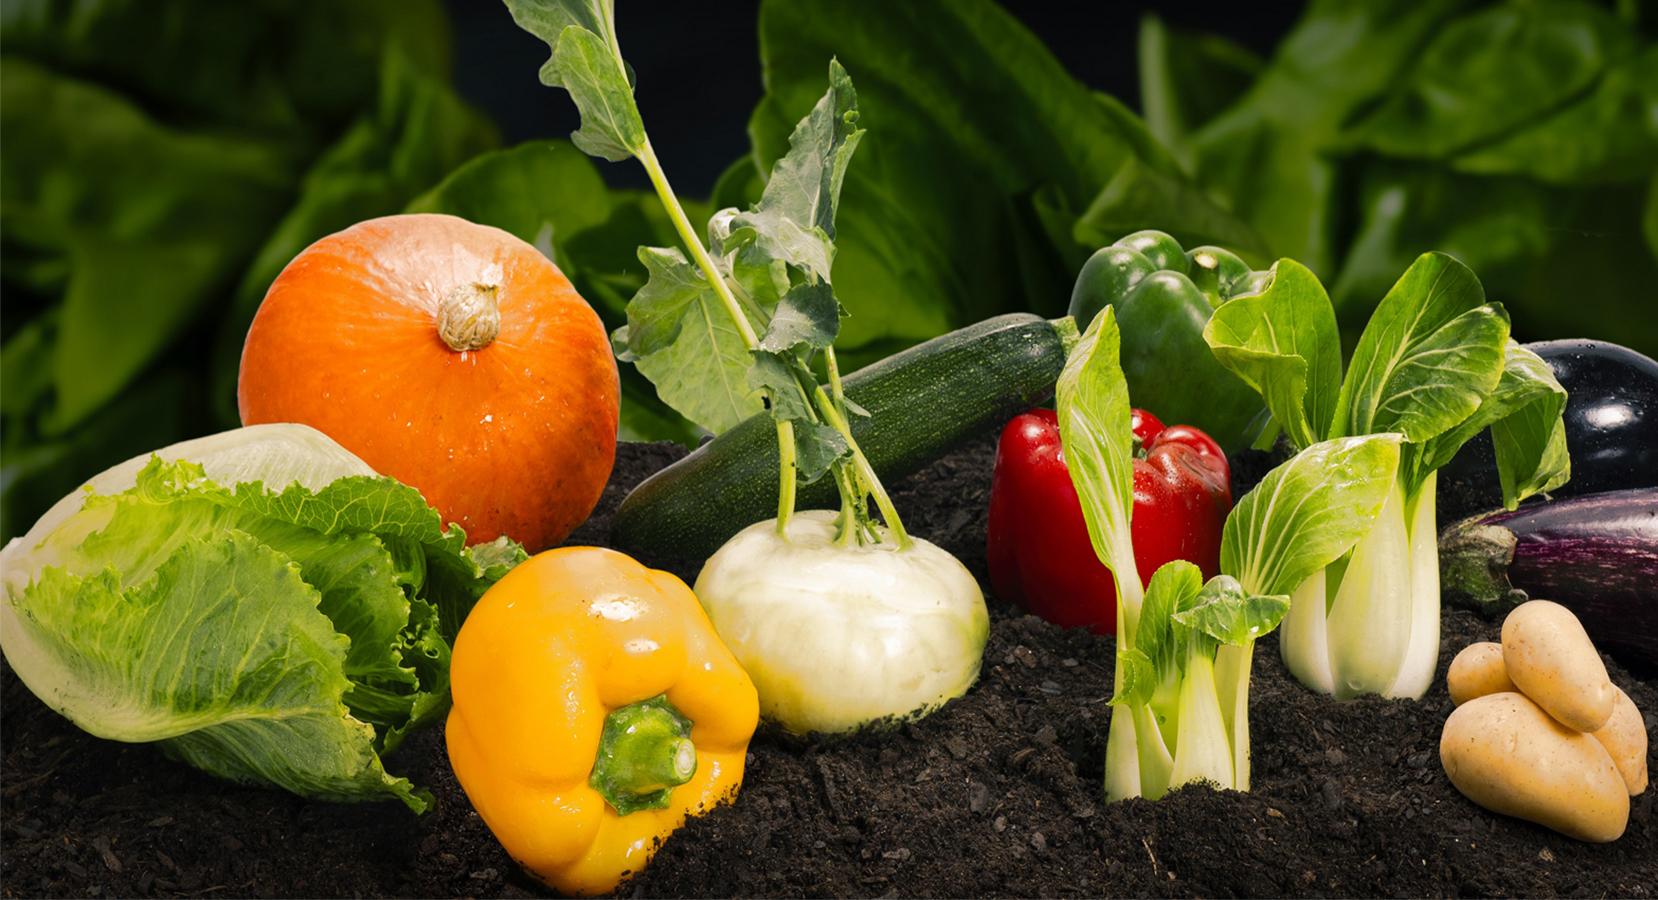 Hortalizas y Verduras de Temporada 2-slider-2.jpg